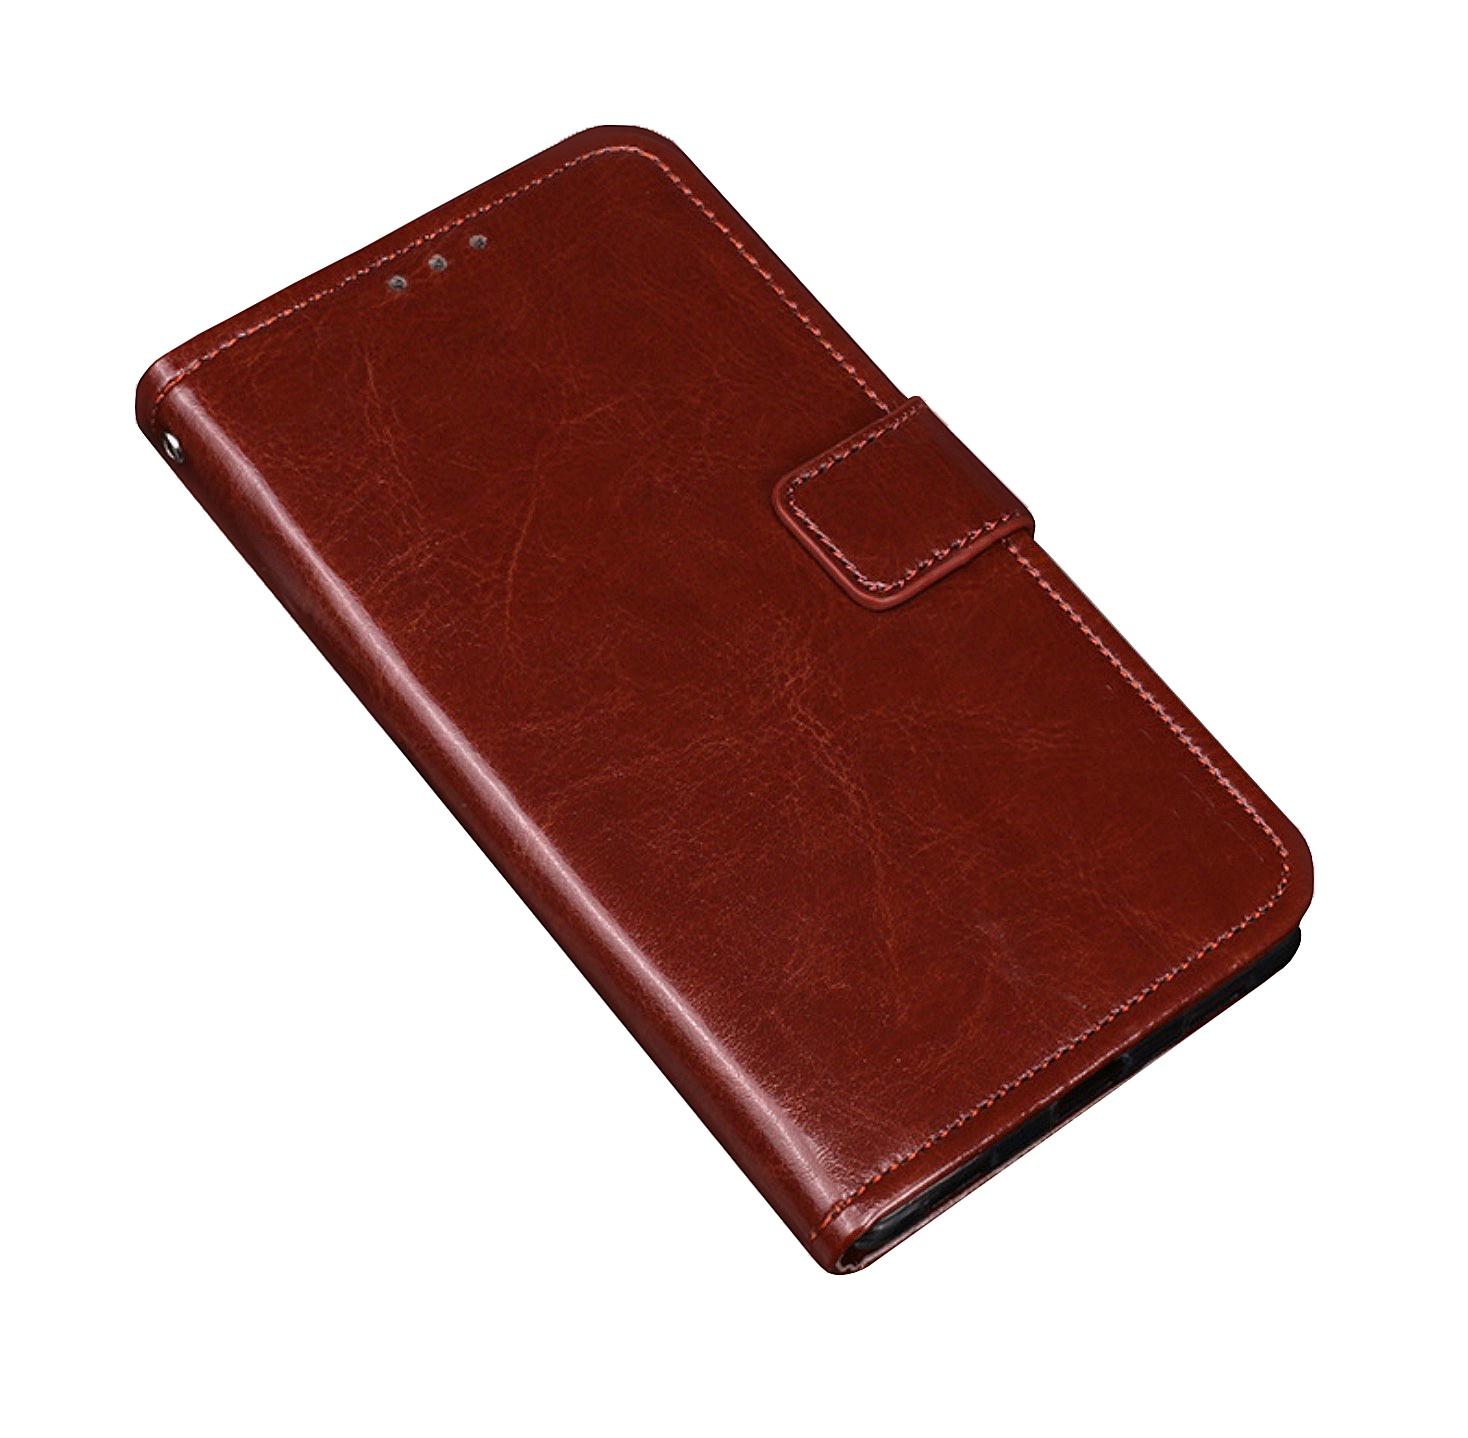 Чехол-книжка MyPads для Samsung Galaxy Grand 2 SM-G7102/G7105 с мульти-подставкой застёжкой и визитницей коричневый